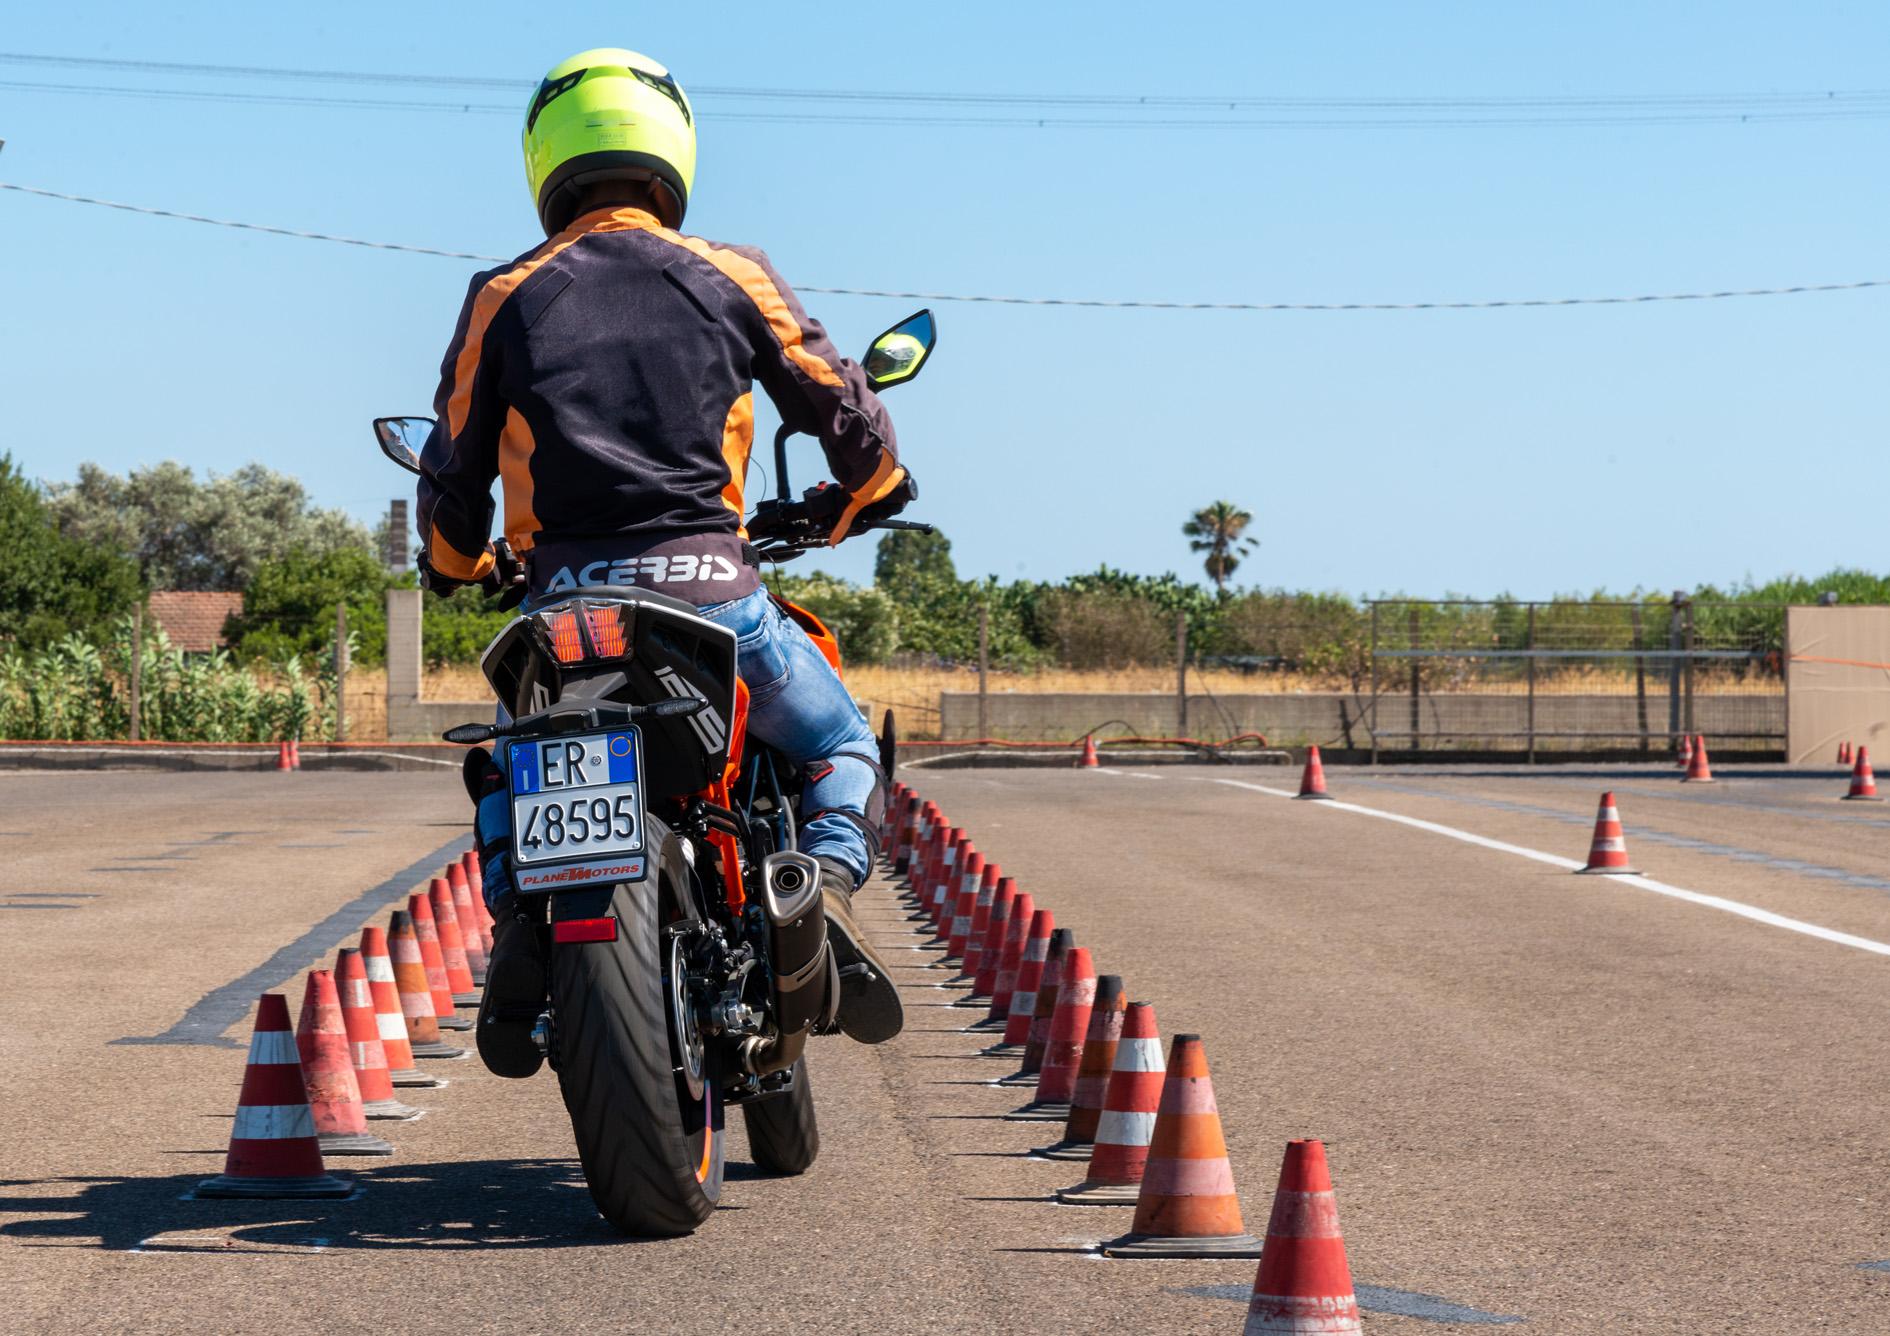 Pista moto Patente A Cagliari L'Autoscuola.net